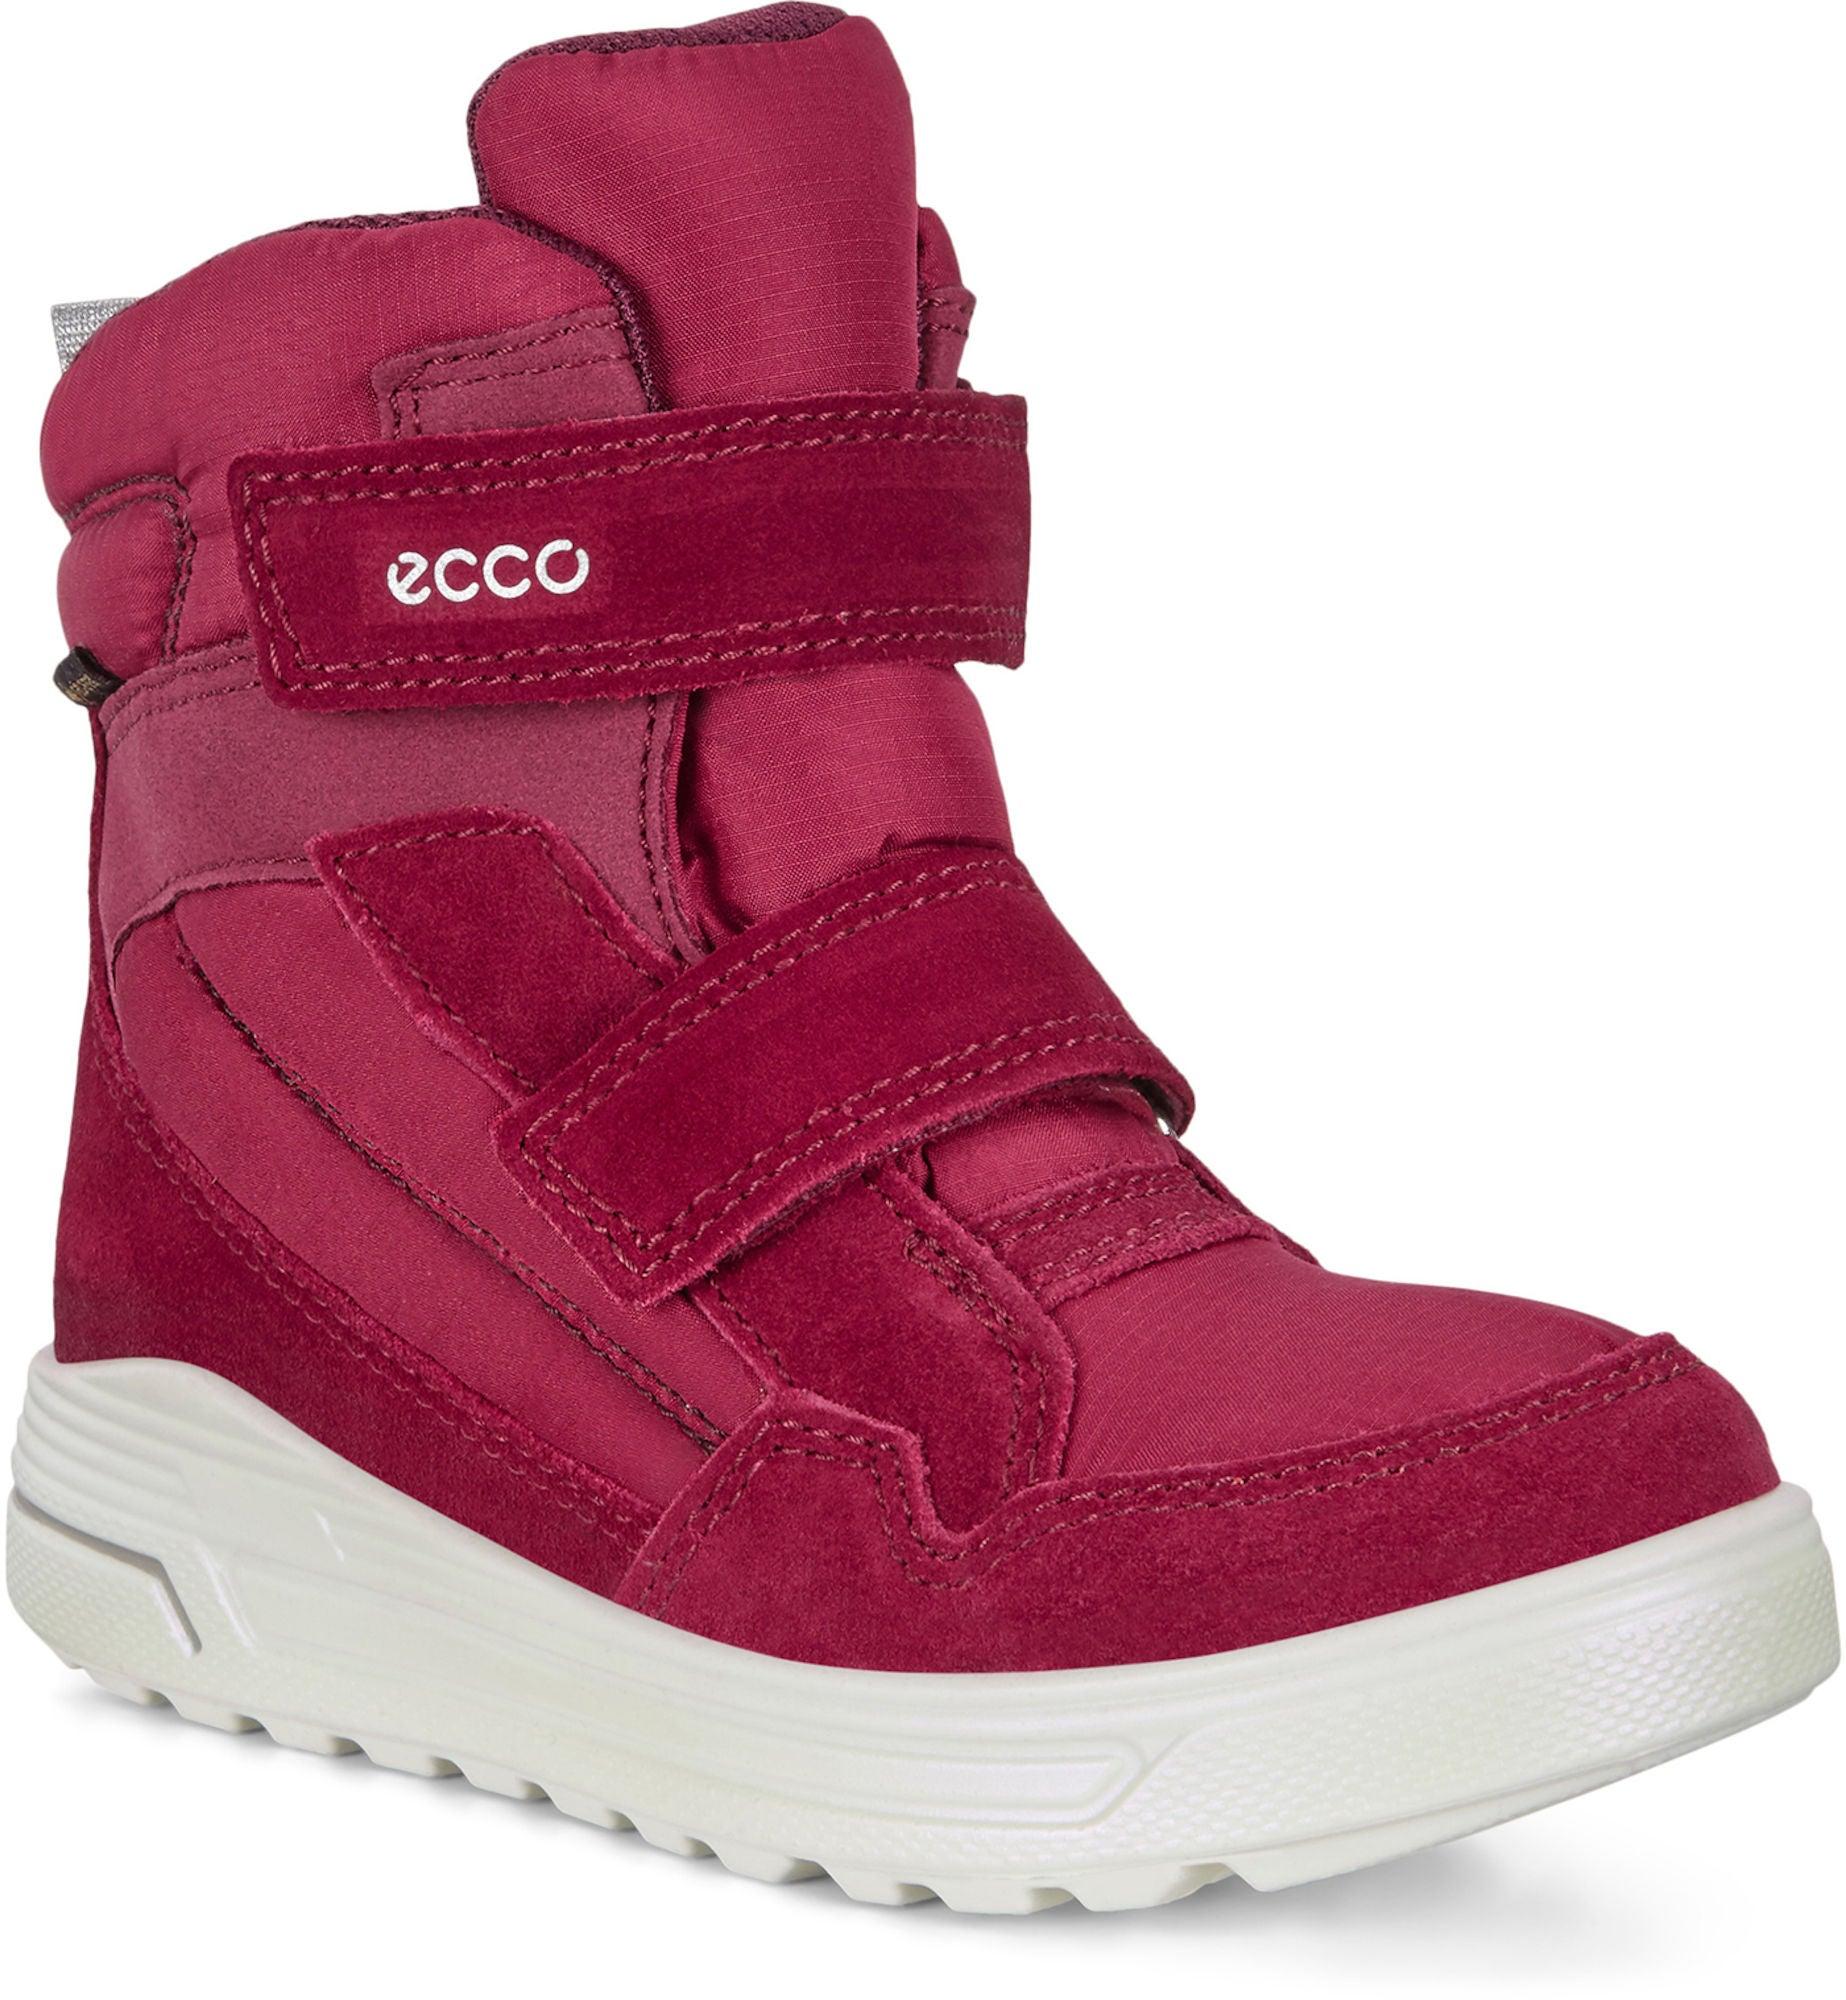 sale retailer d50e9 3f722 Ecco   Große Auswahl an hochwertigen Schuhen   Jollyroom